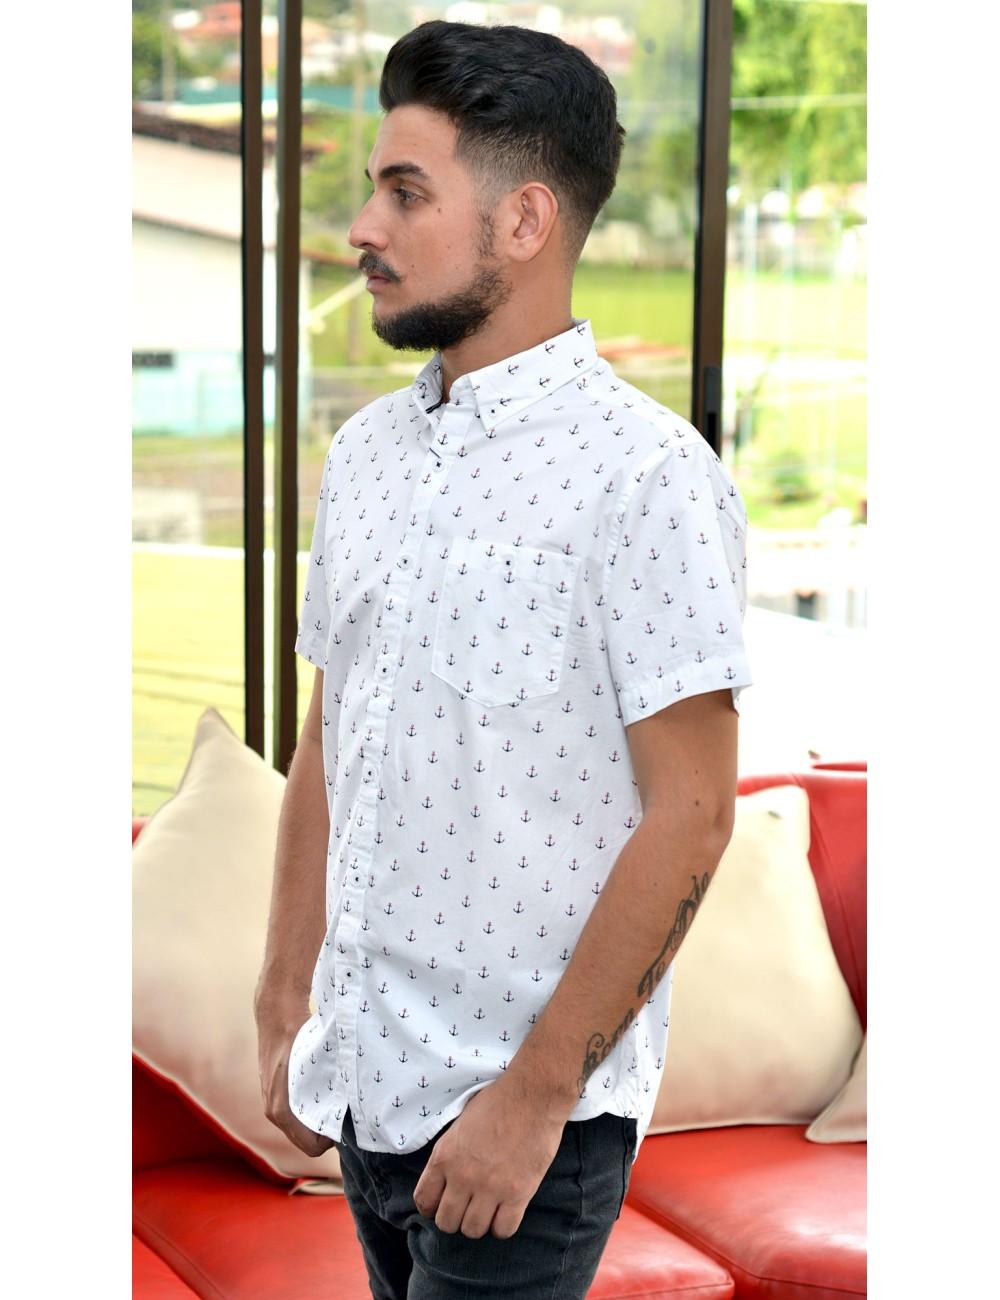 Camisa manga corta blanca con anclas azules y rojas